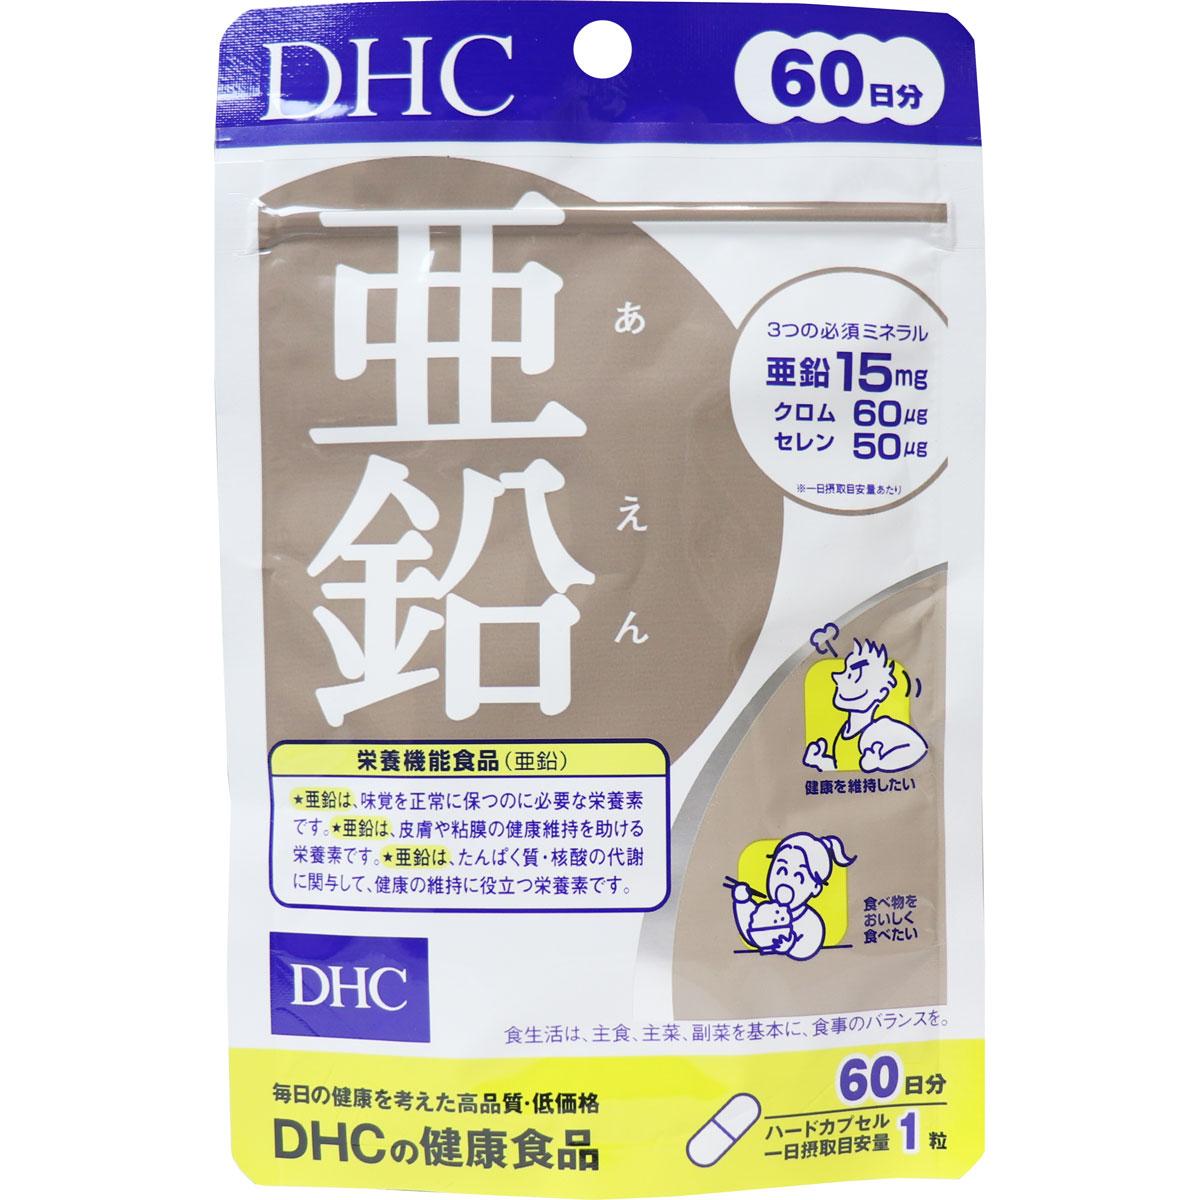 ※DHC 亜鉛 60粒 60日分